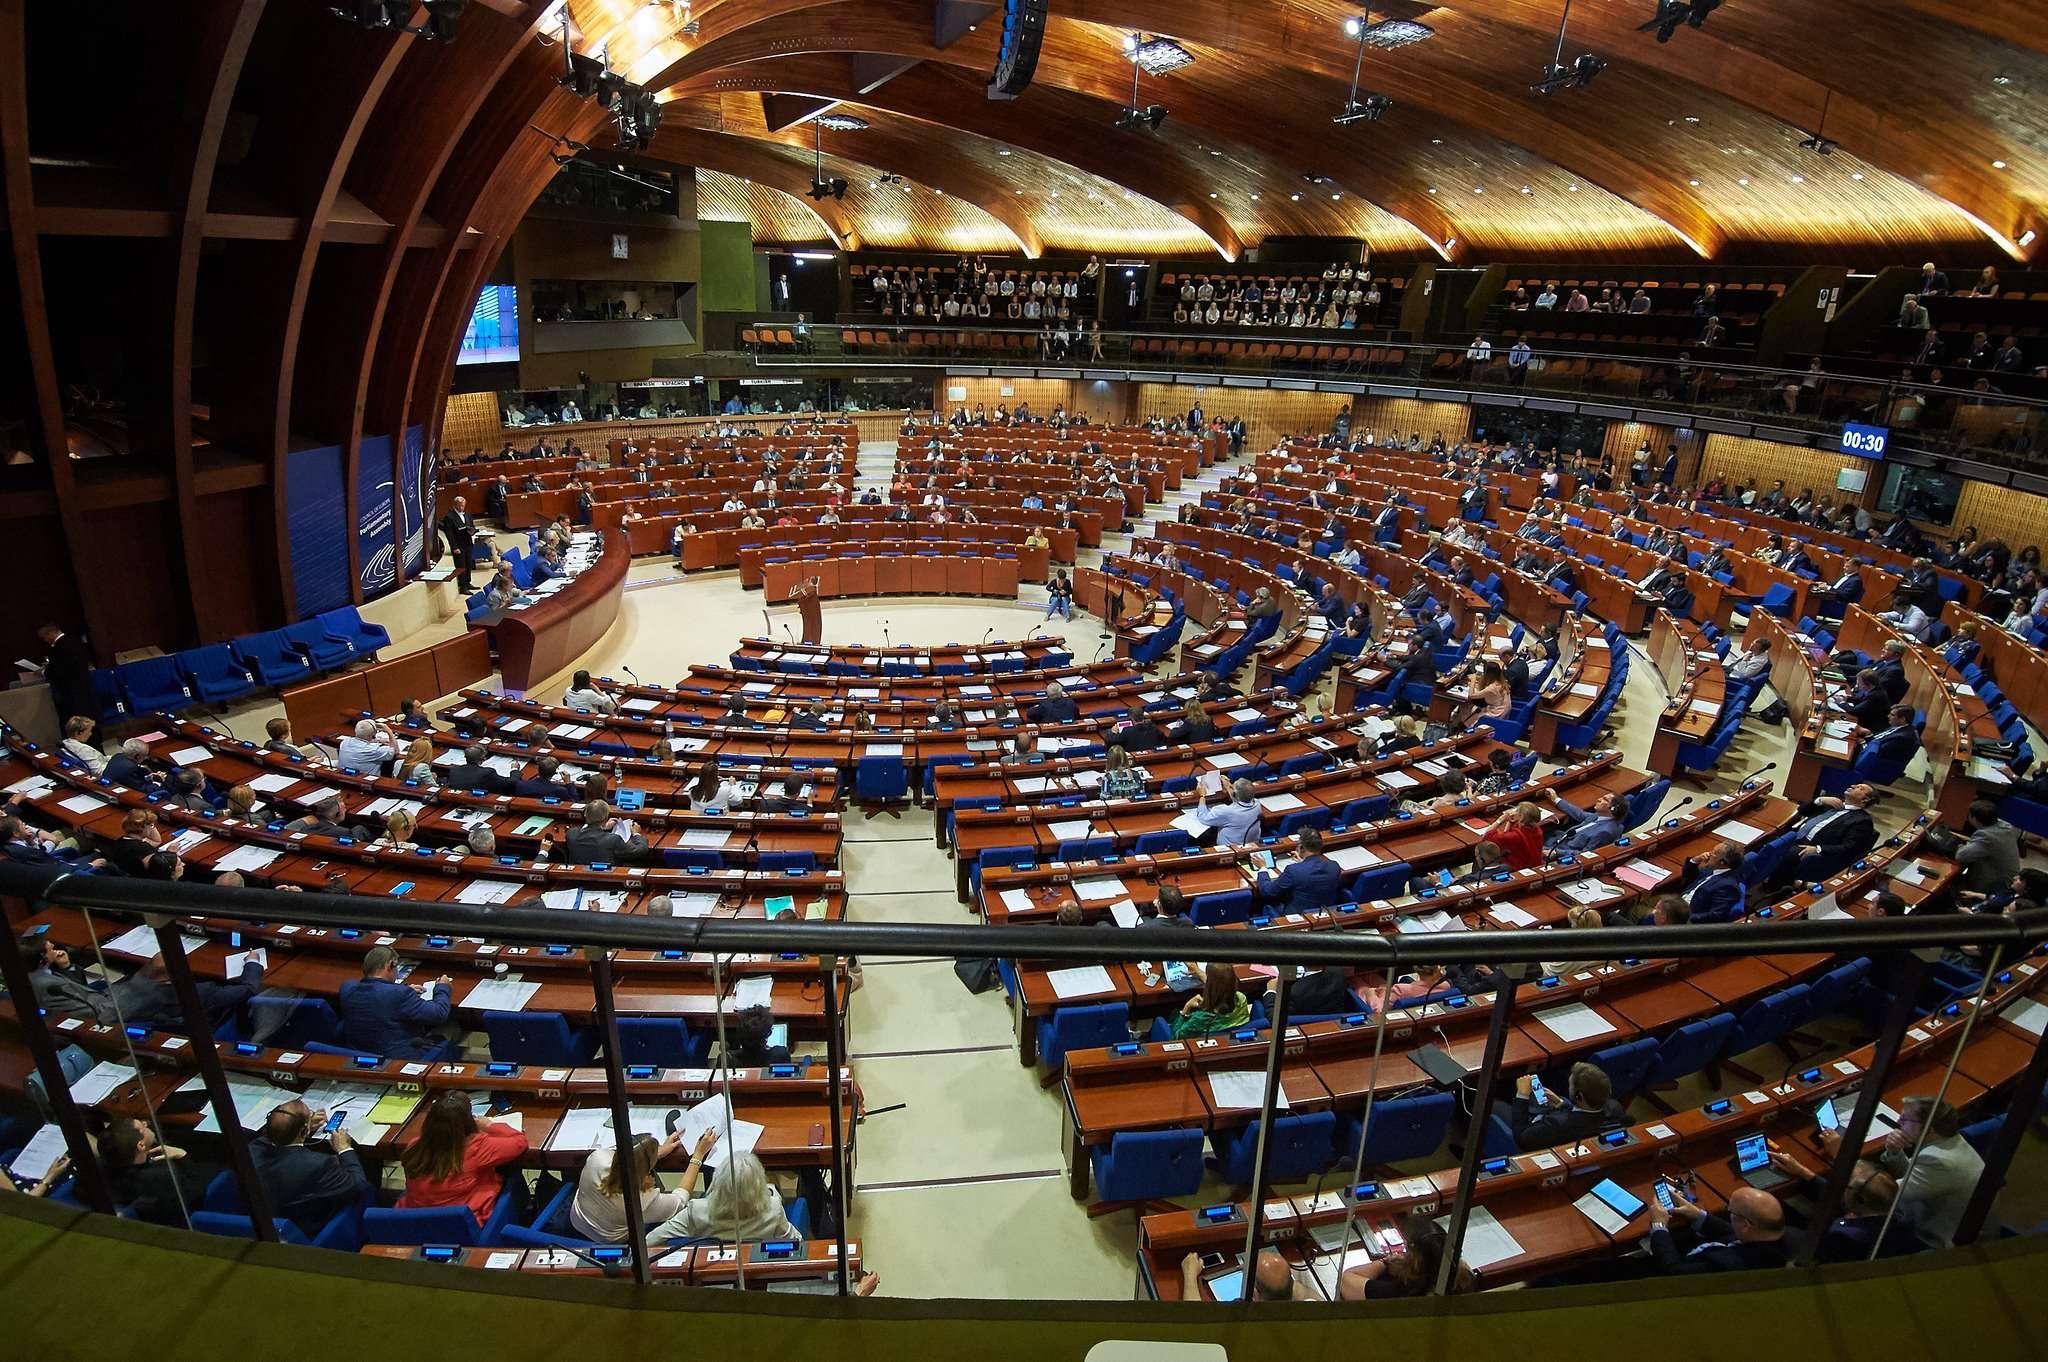 Lutte contre la corruption: le Conseil de l'Europe joint le geste à la parole, prochaine destitution du président de l'APCE